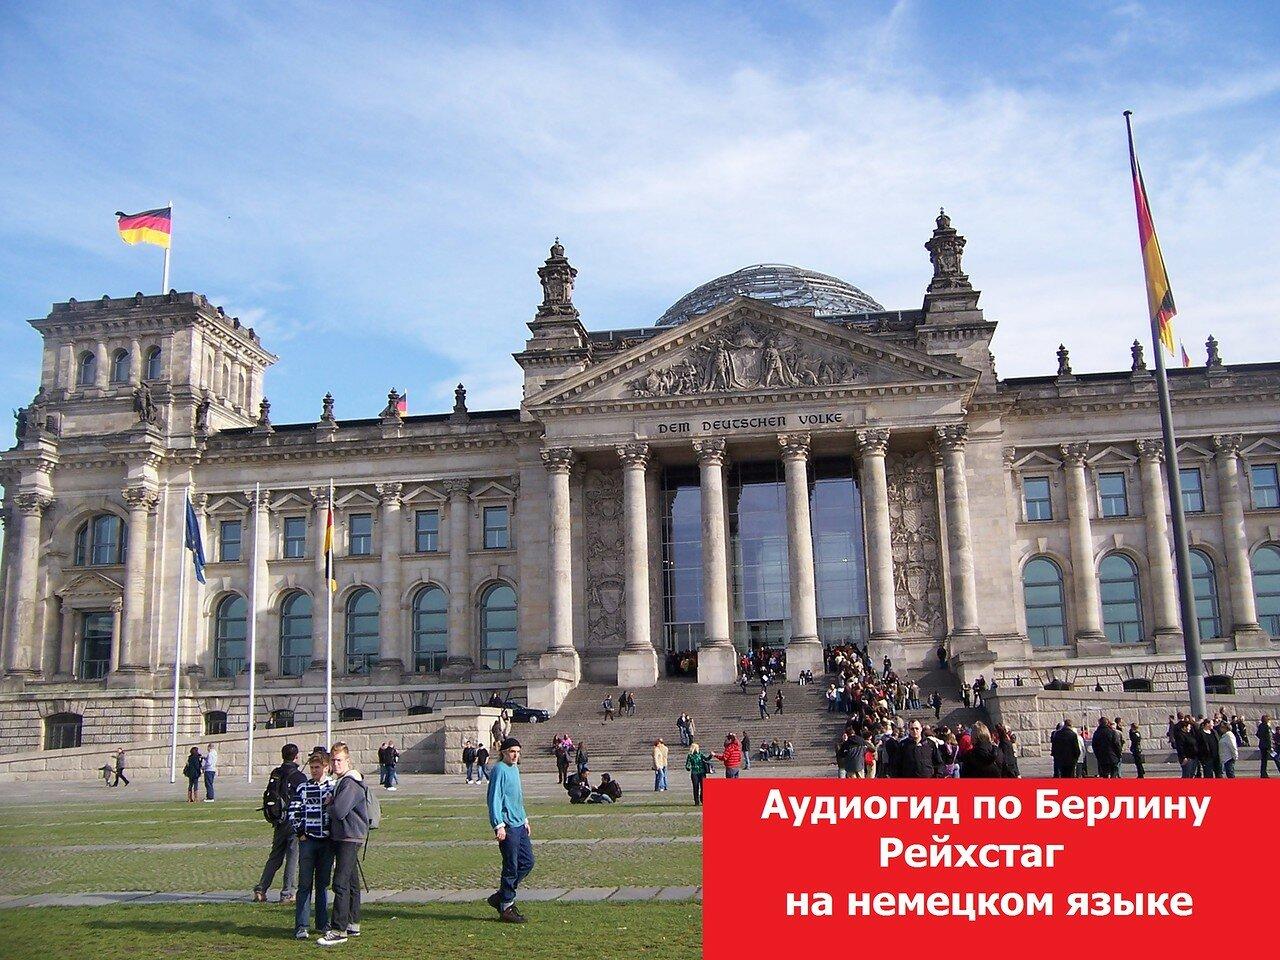 Аудиогид по Берлину. Рейхстаг. На немецком языке